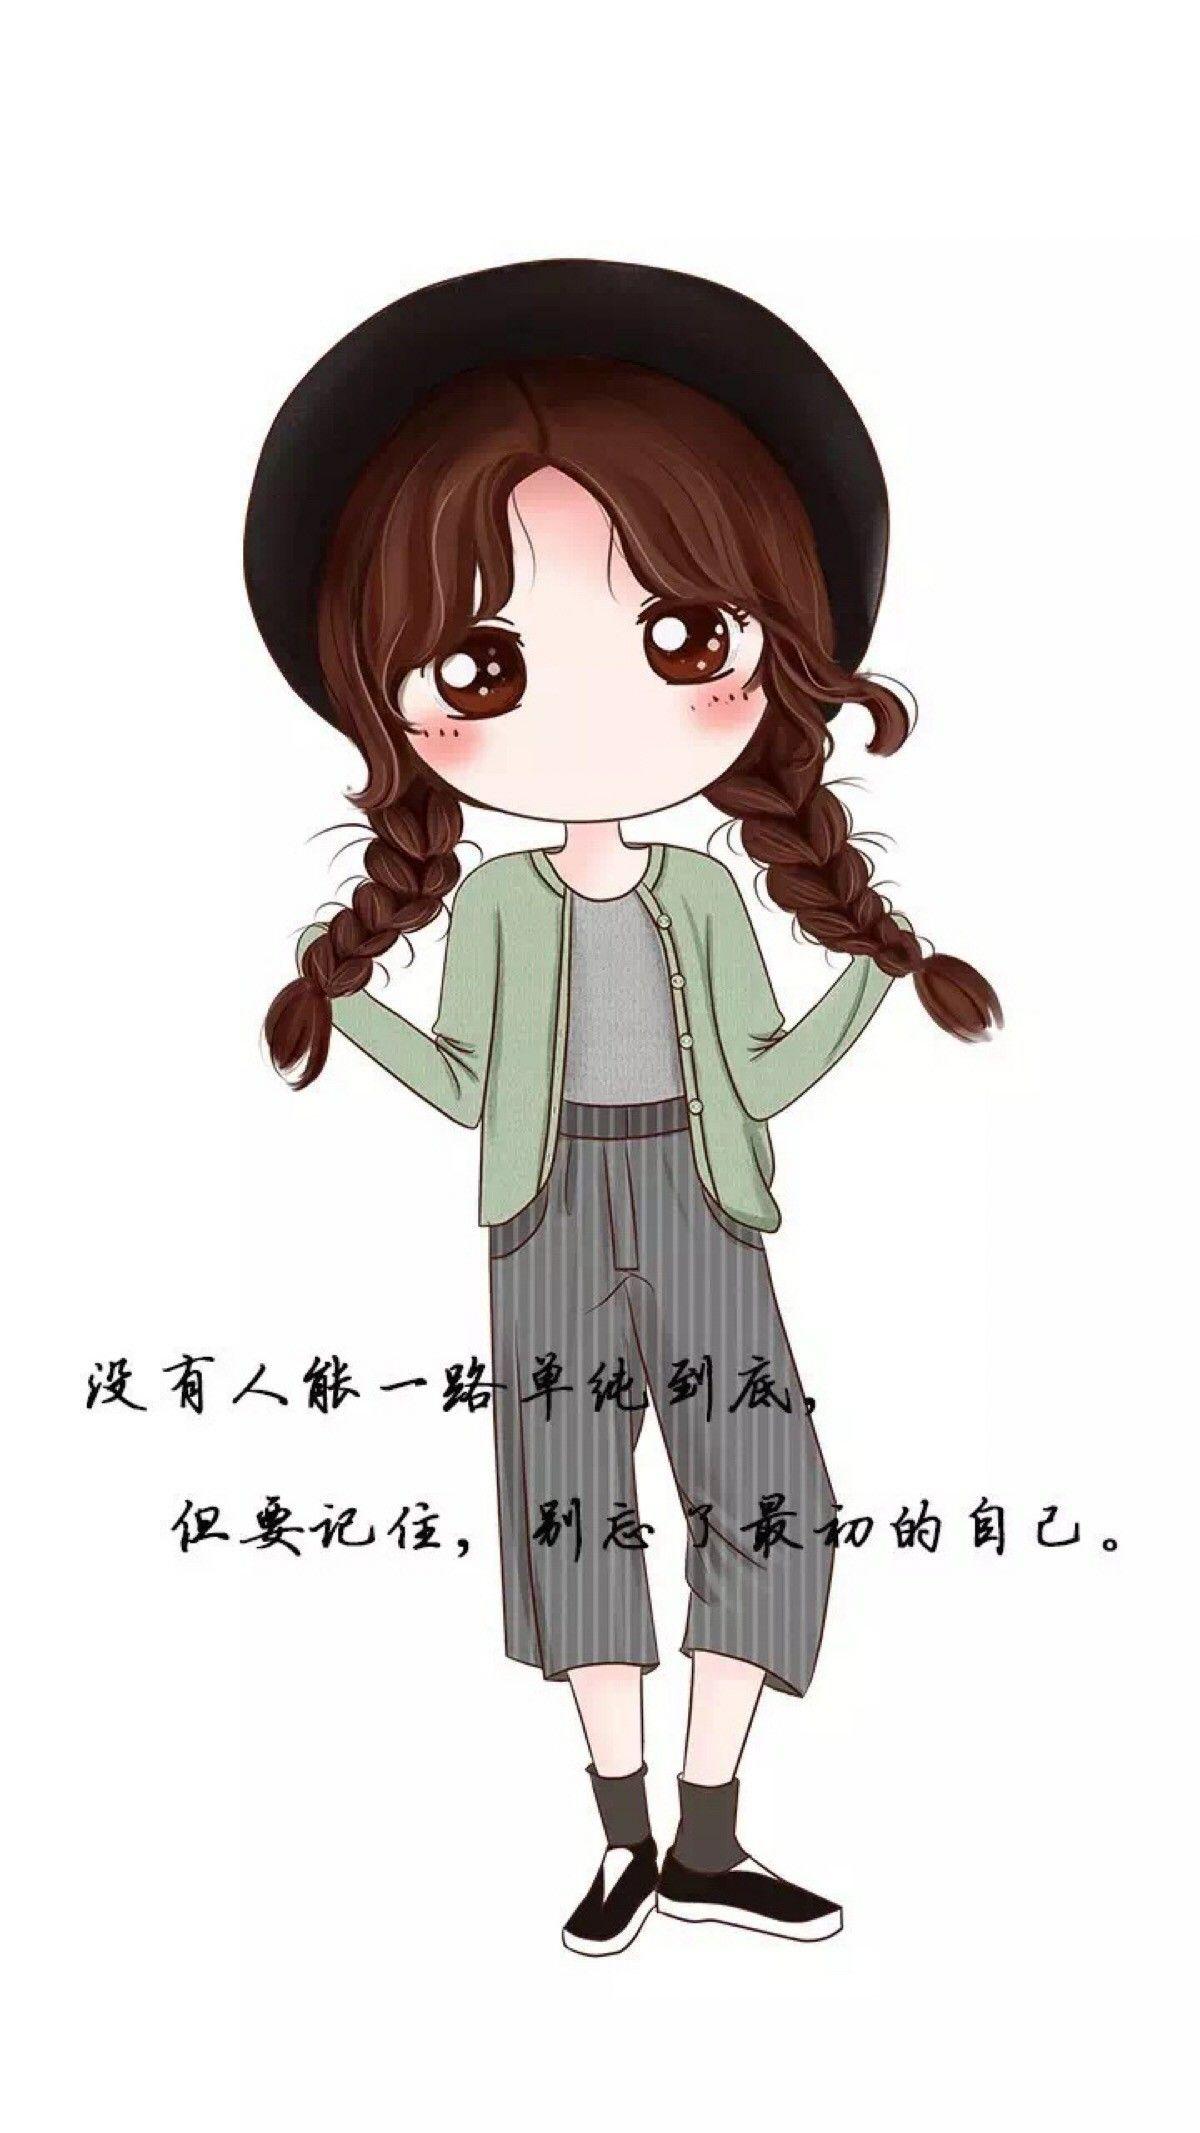 Ảnh anime Hàn cực xinh cô gái tóc nâu bện lại